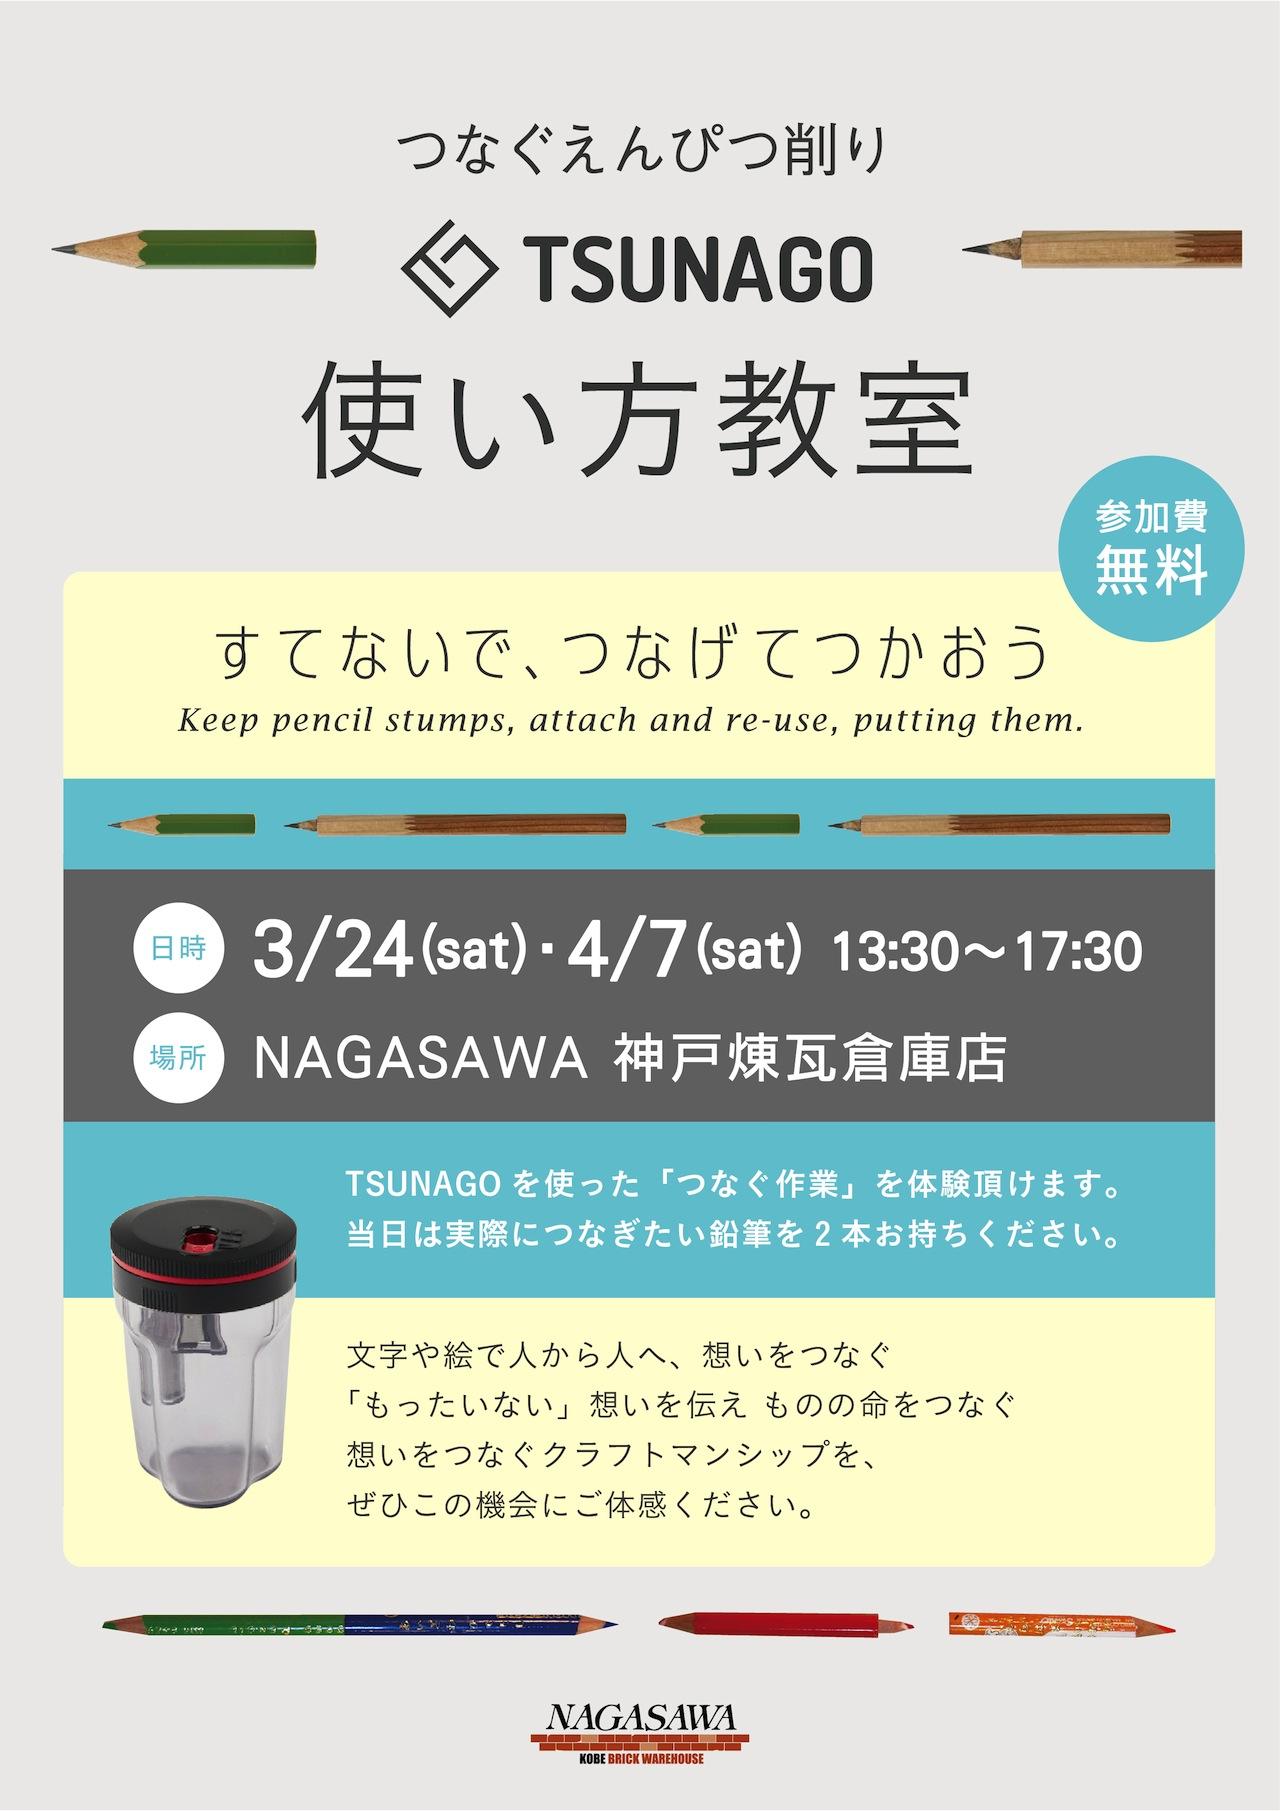 短くなったえんぴつをつなげて使える、人気の鉛筆削り『TSUNAGO』を体験できるイベントを開催!